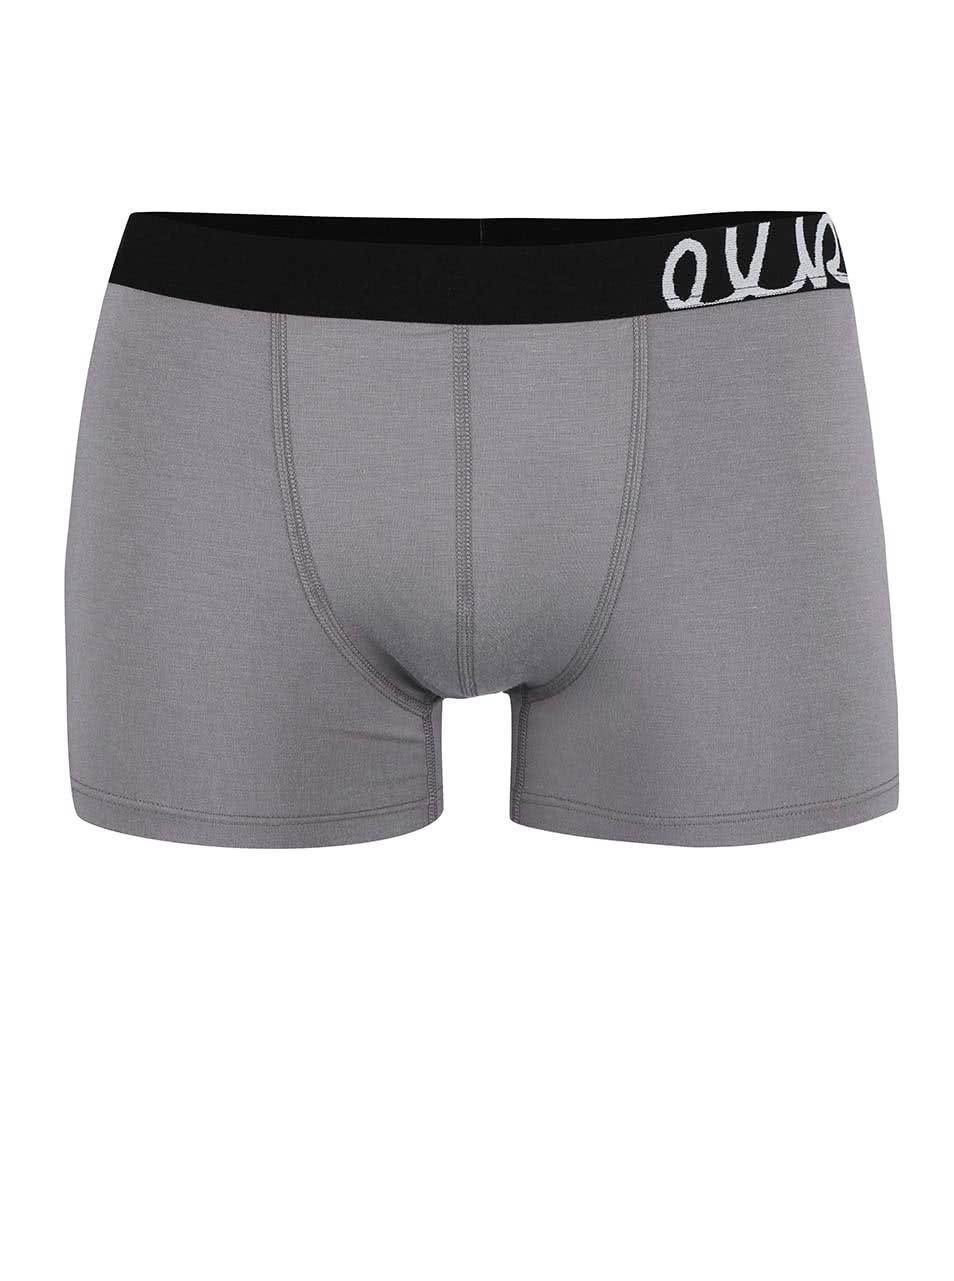 8d38e597ce9 Šedé boxerky s černou gumou El.Ka Underwear